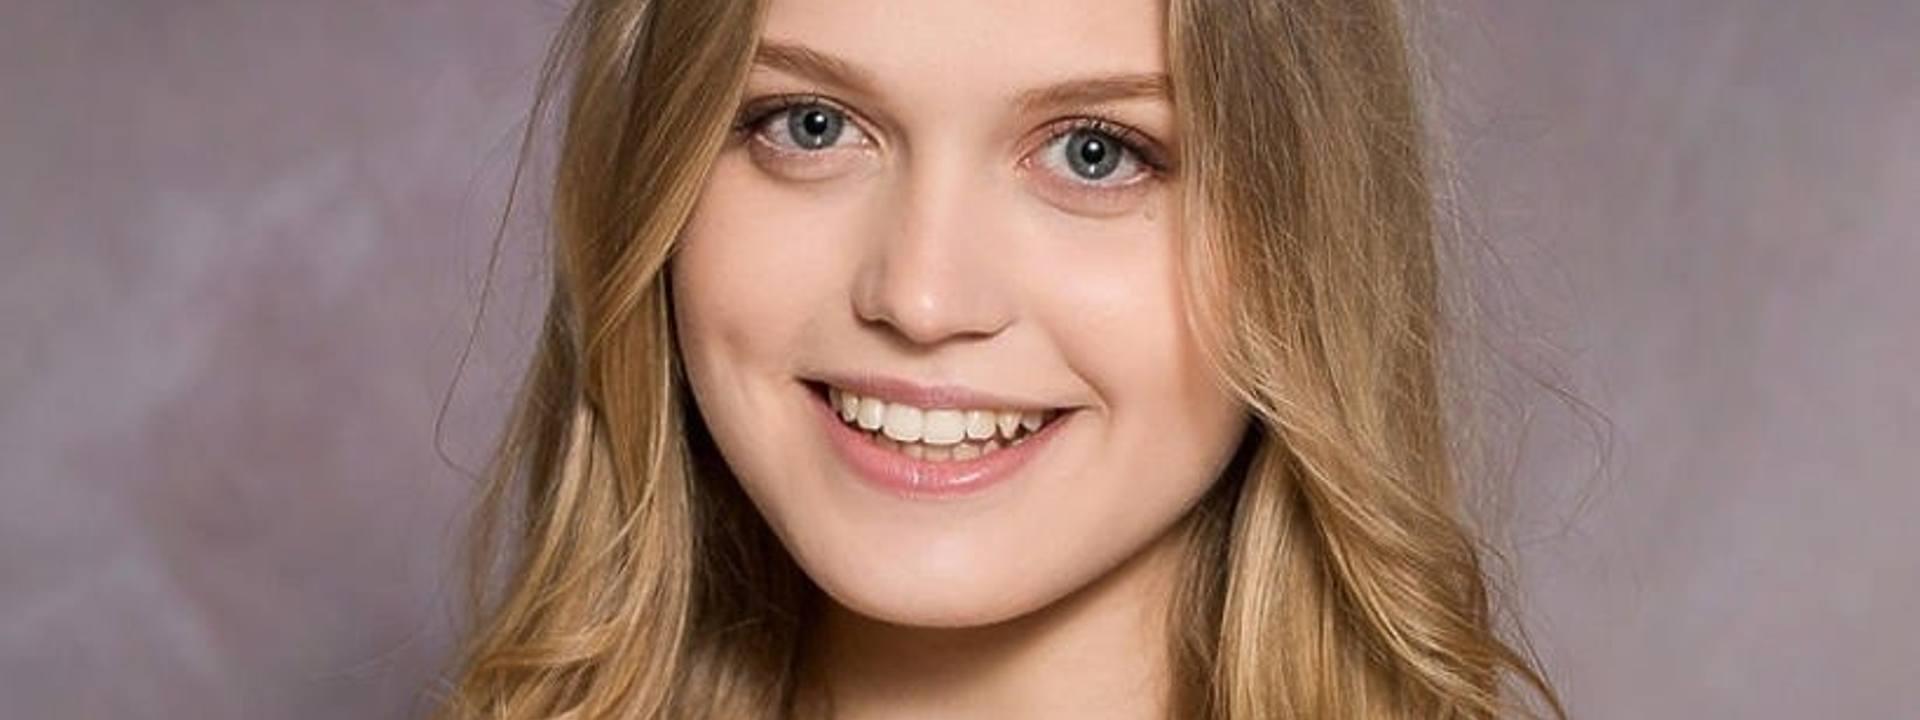 Tytuł Miss Polski Nastolatek 2020 zdobyła Katarzyna Synowiec. Zdjęcia i sylwetki wszystkich kandydatek znajdziecie w naszej galerii --->